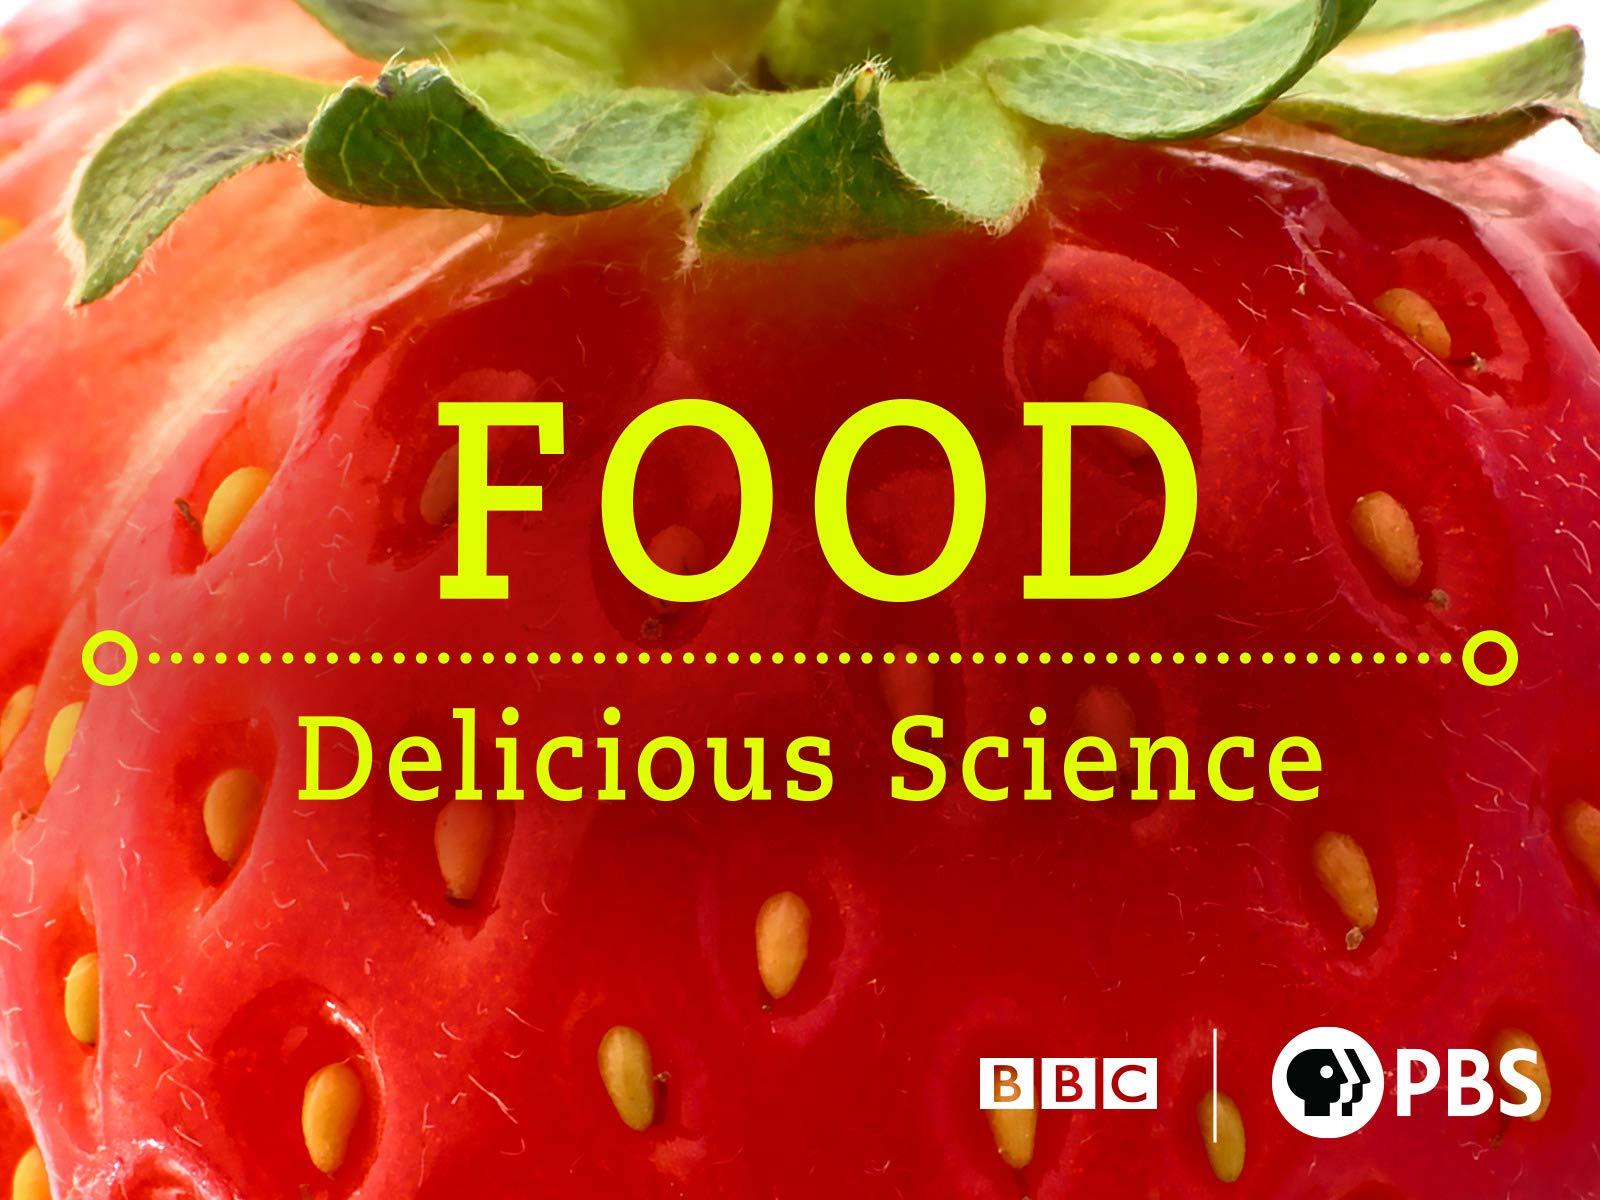 غذا: علم خوشمزه (مستند)